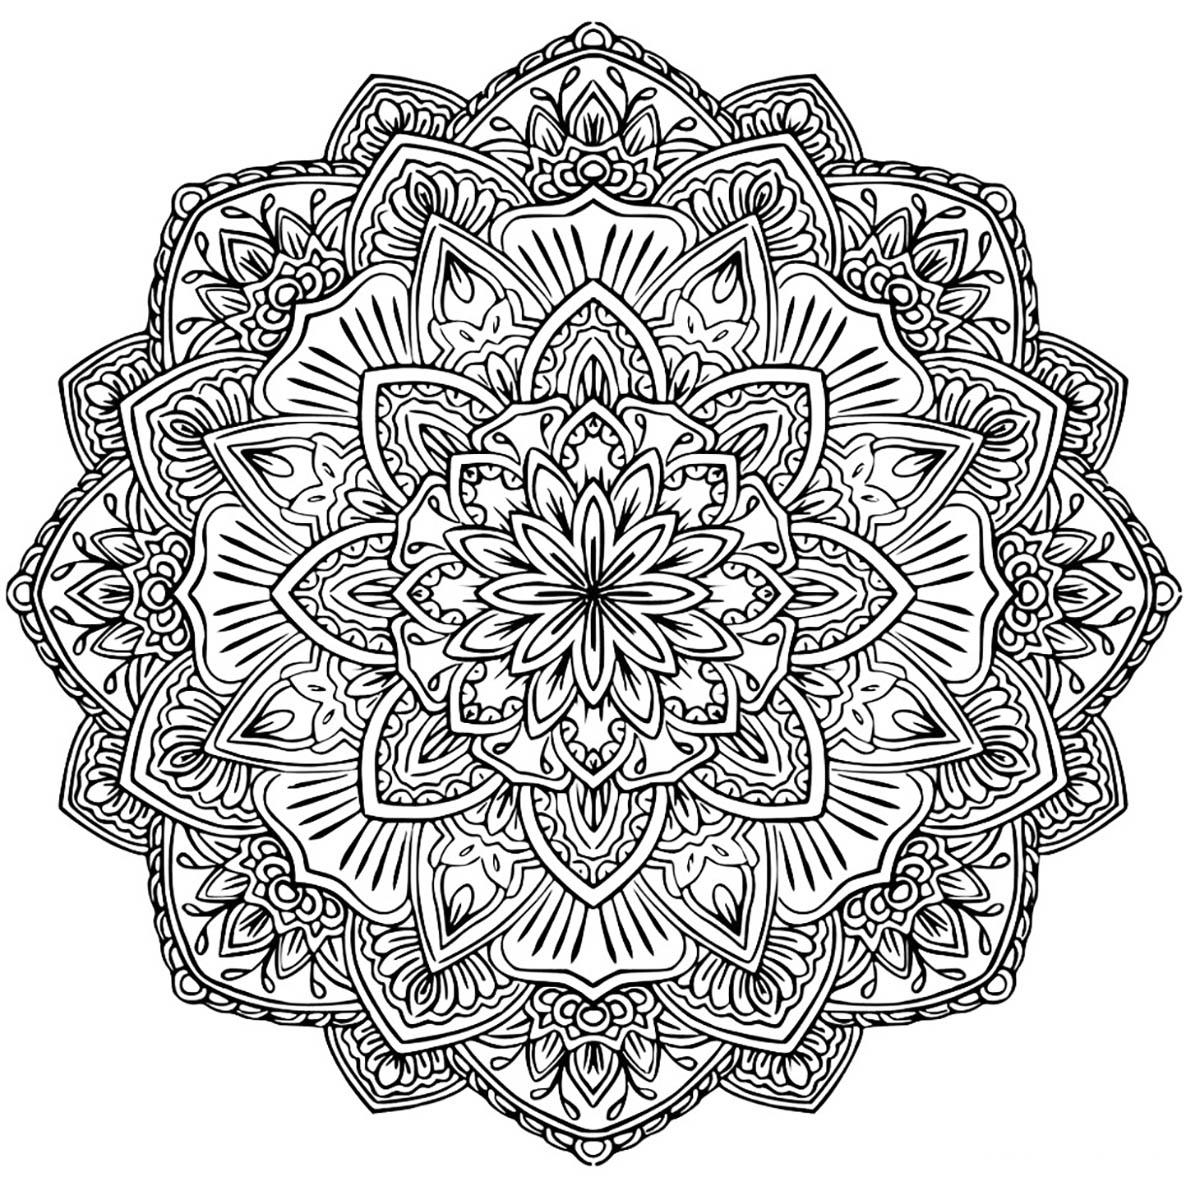 Coloriage Mandala Complique.Mandala A Colorier Gratuit Fleurs Difficile Mandalas Difficiles